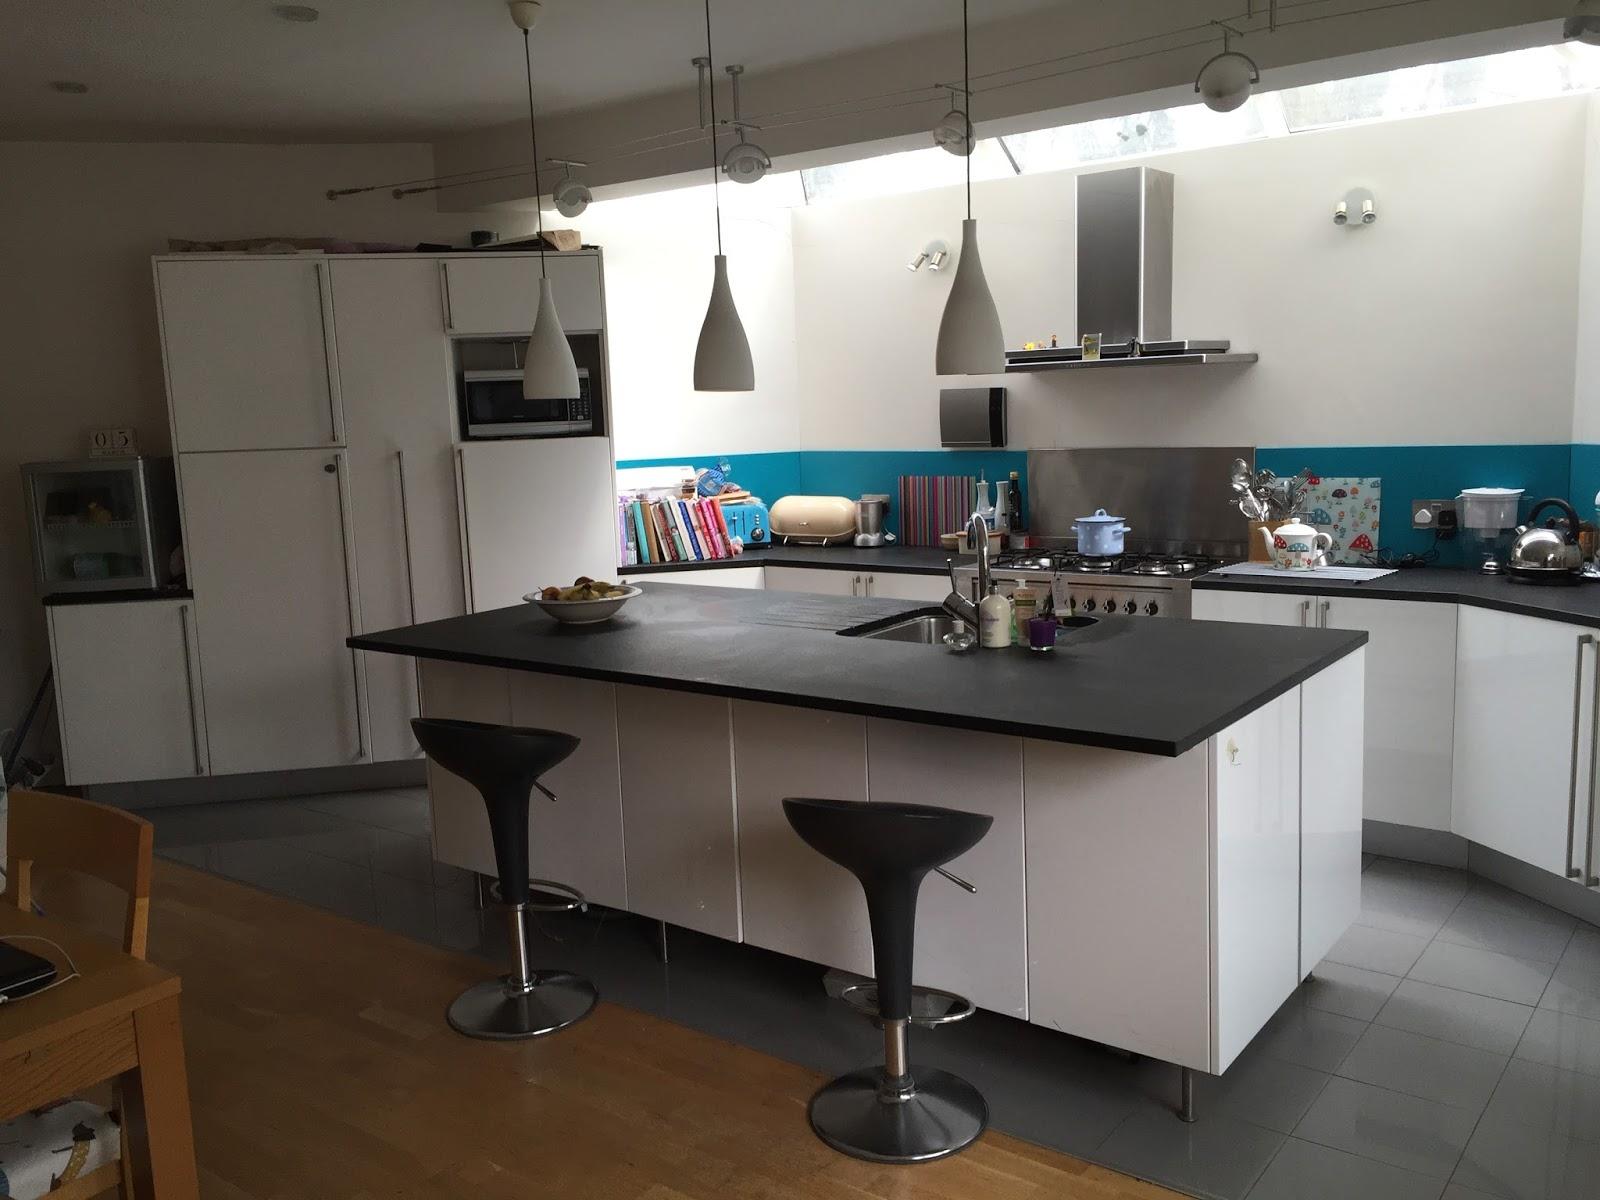 The Kitchen Refurb – Part 1